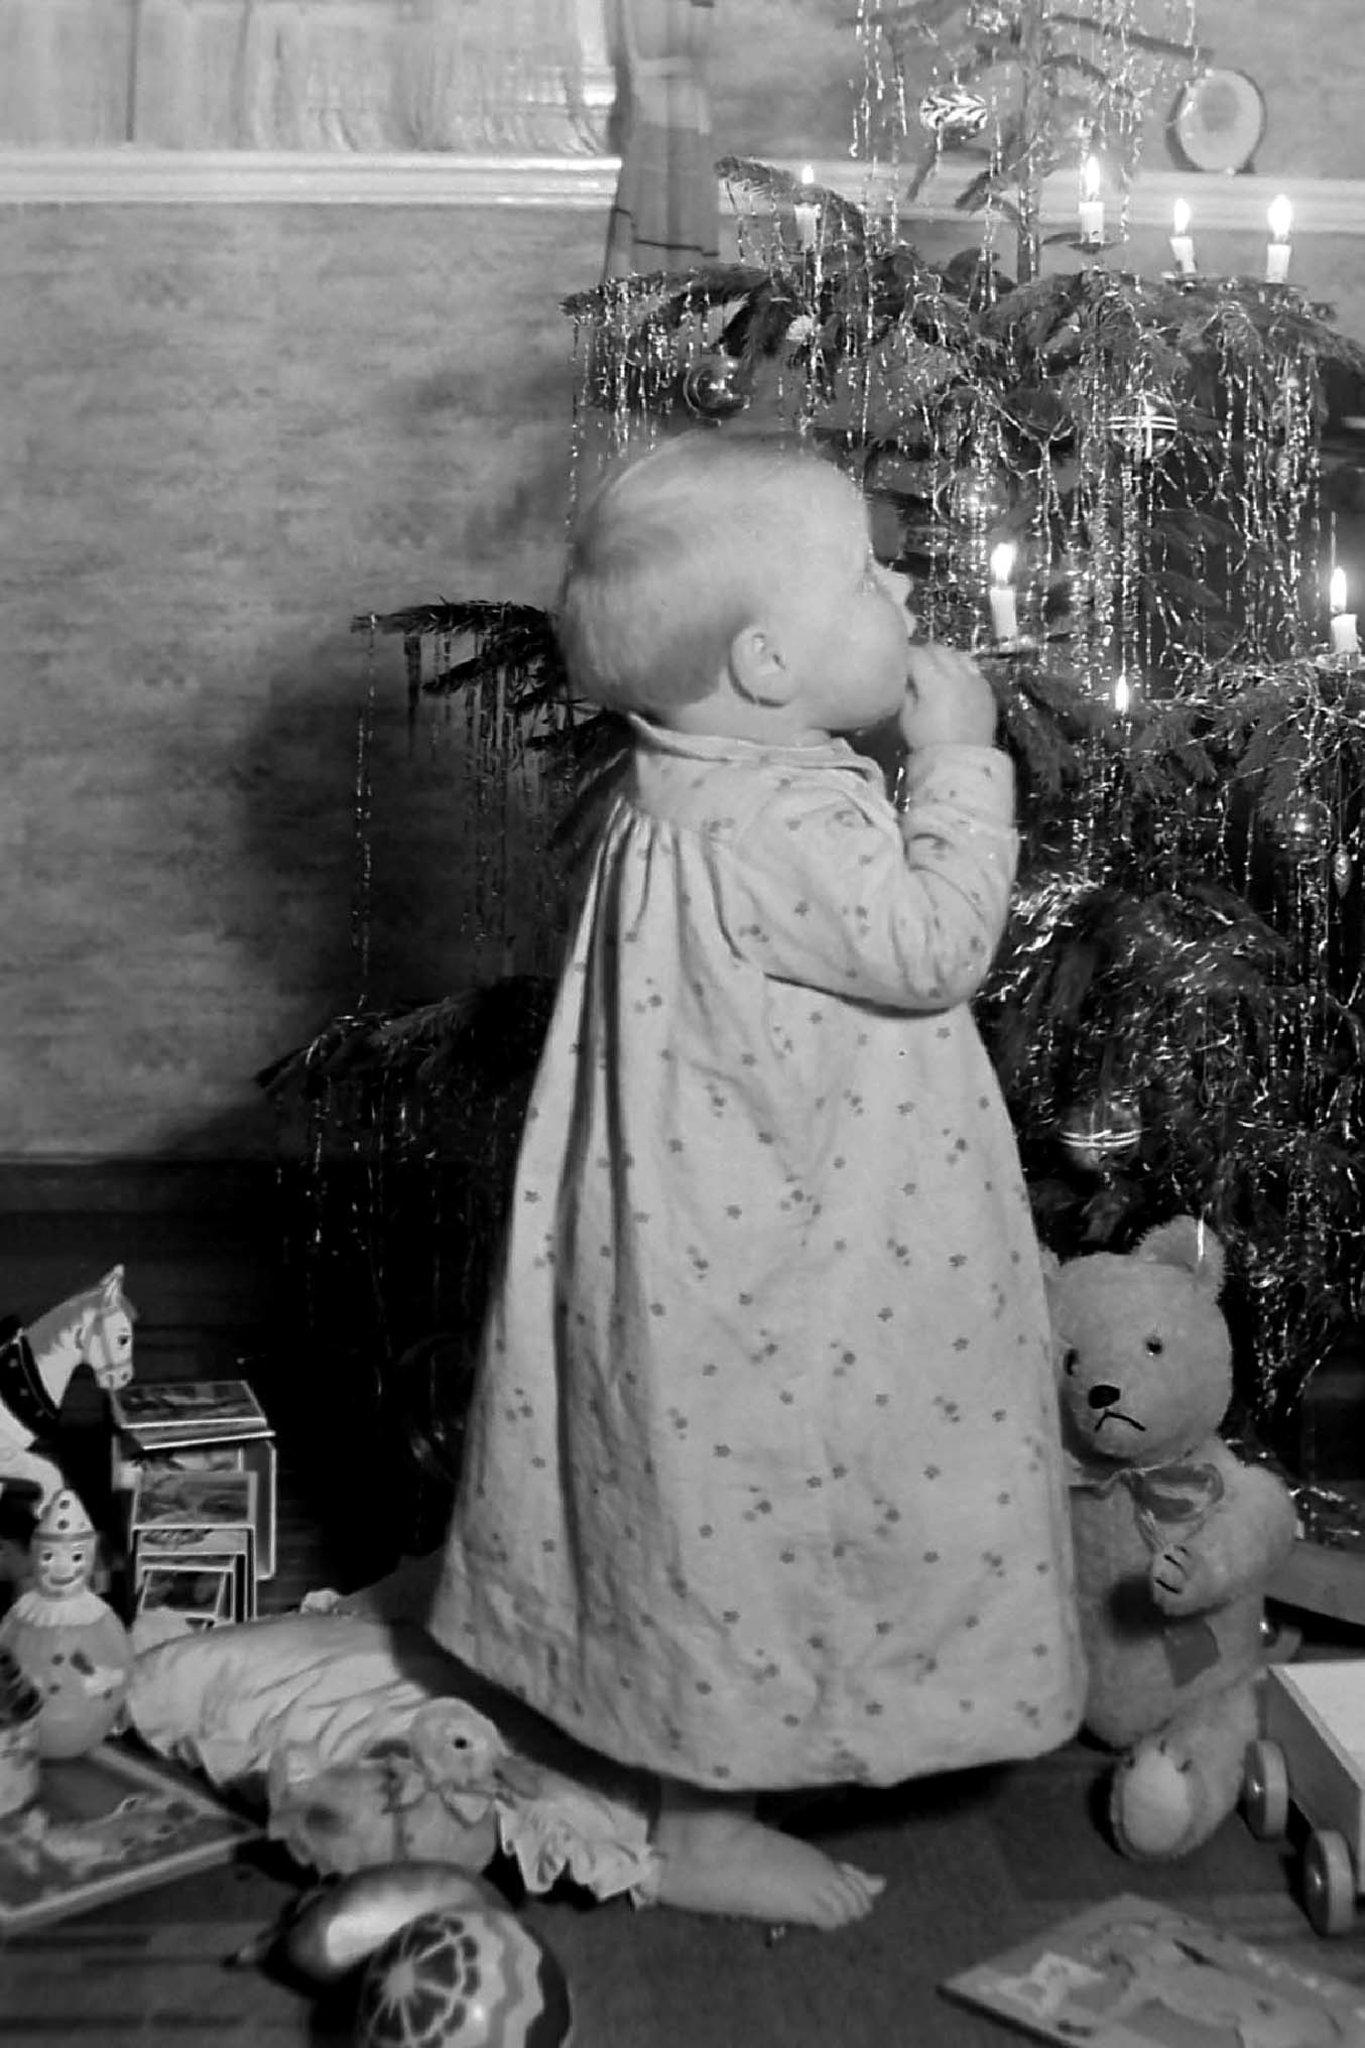 Wie Ich Als 10 Jähriger Weihnachten Erlebte Neukirchen Vluyn